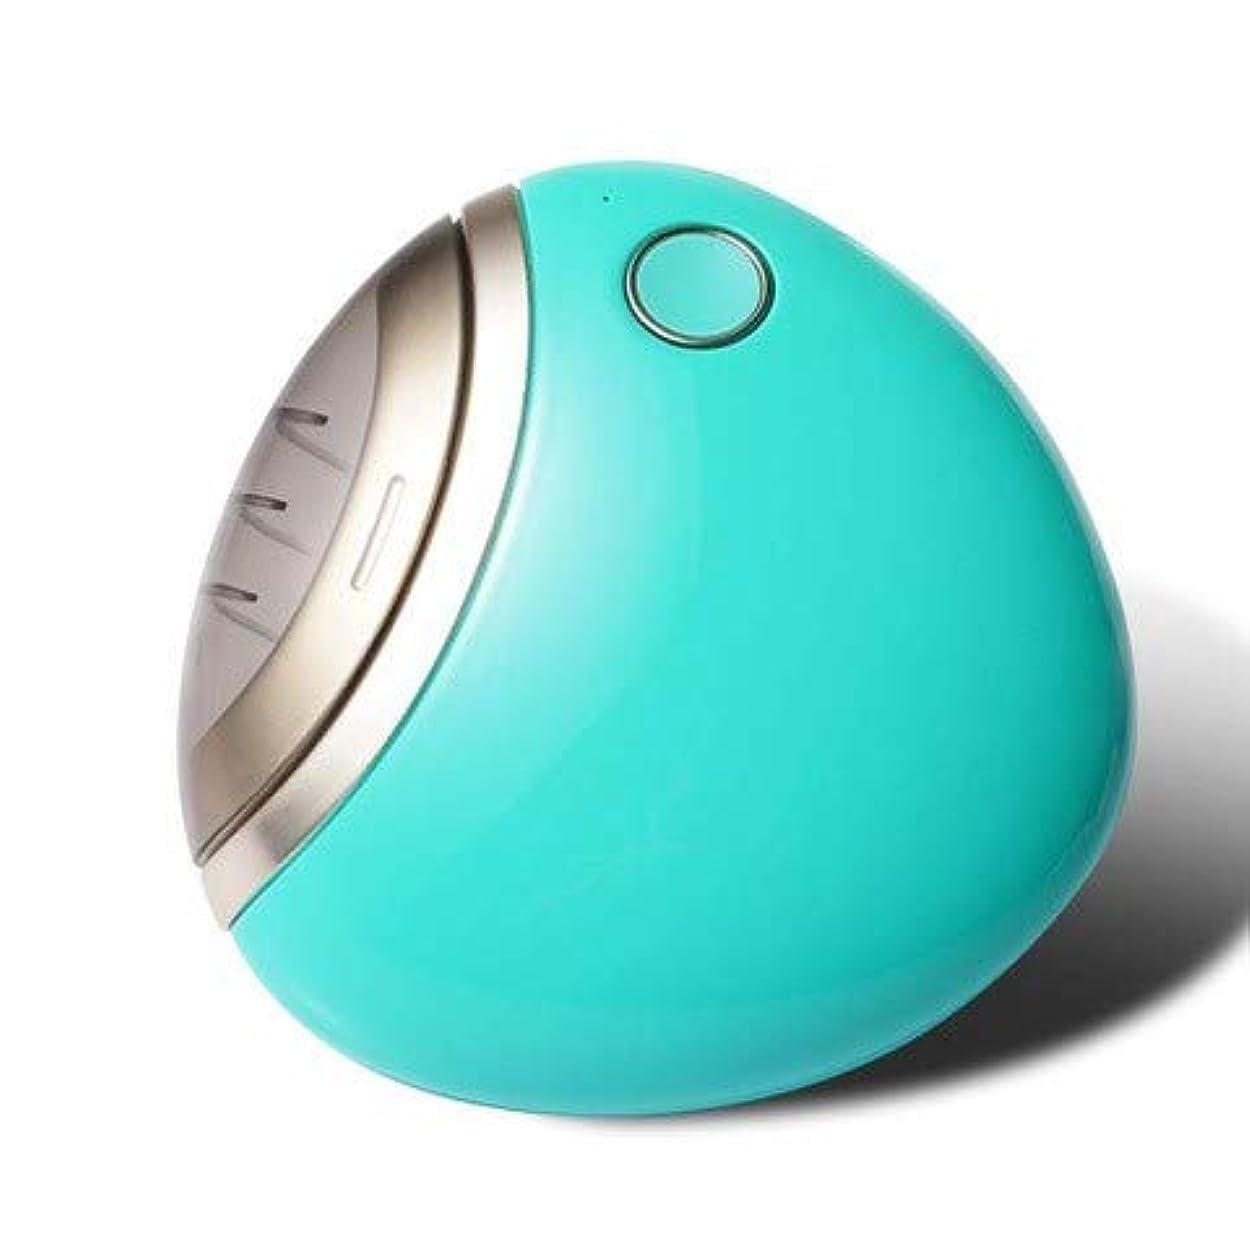 ワイン出発するレイプmarise 電動爪切り 自動爪切り USB充電付き 男女兼用 ネイルケア (グリーン)